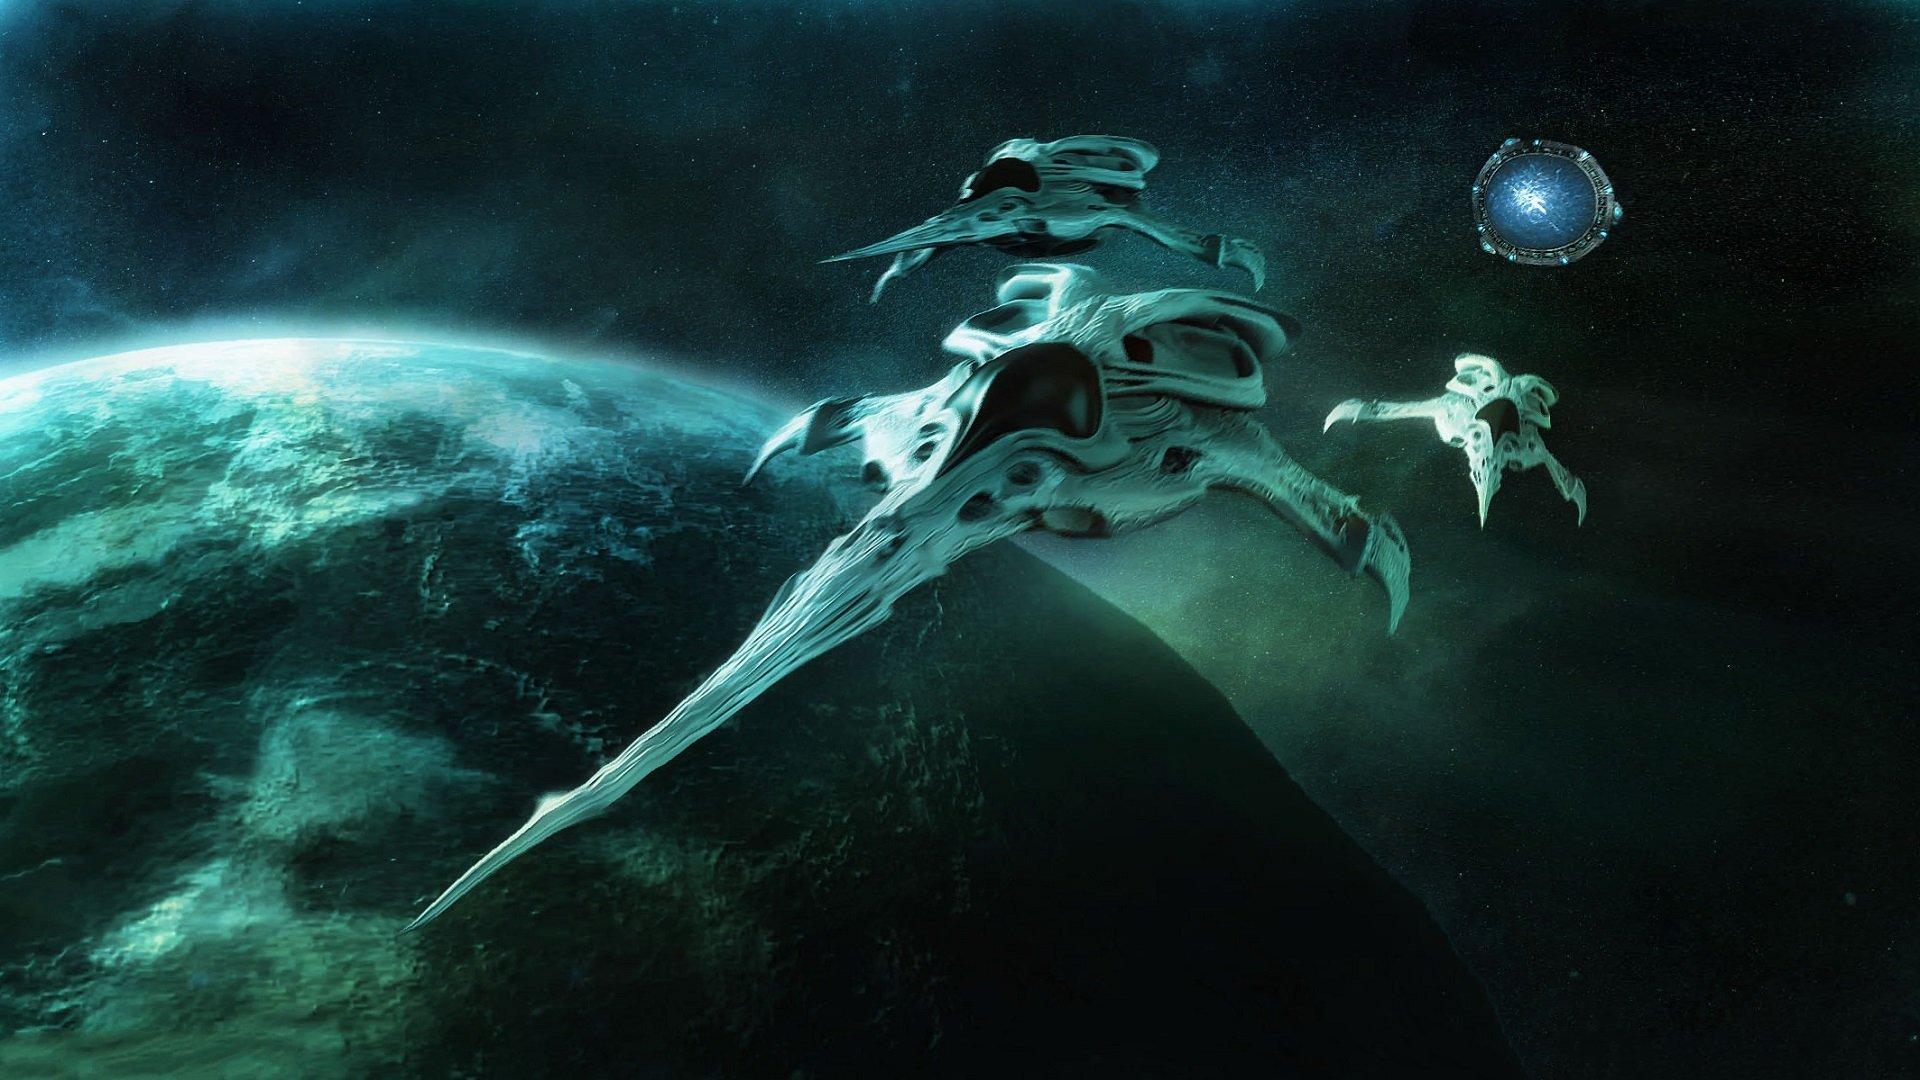 Best Stargate Atlantis Wallpaper Id496908 For High